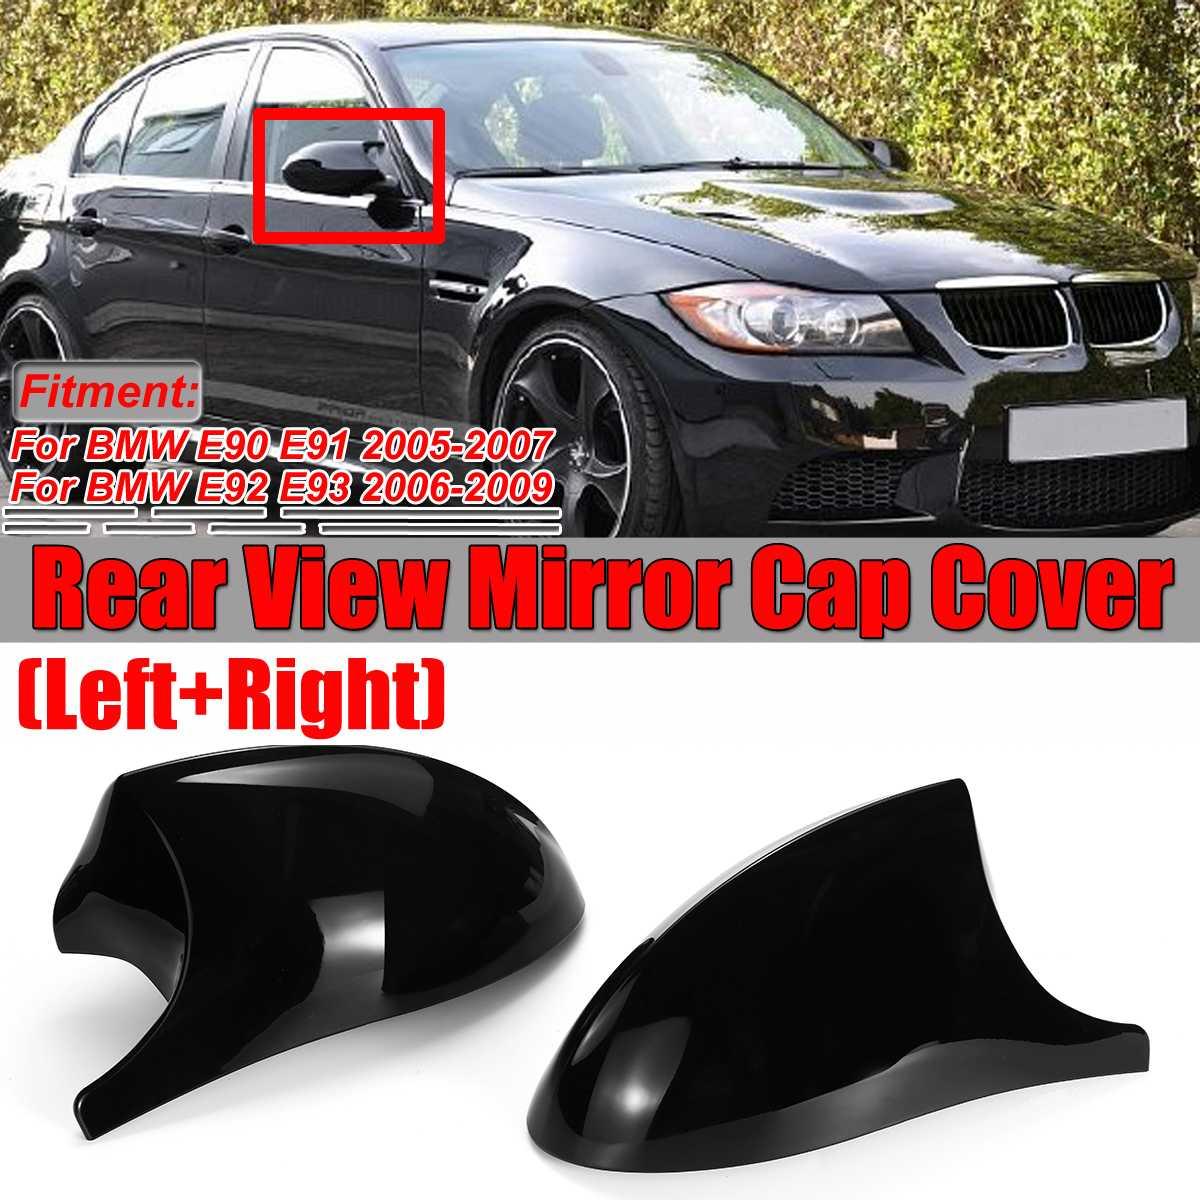 2xmirror крышка E90 Автомобильная боковая дверь боковое зеркало заднего вида крышка для BMW E90 E91 2005-2007 E92 E93 2006-2009 M3 Стиль E80 E81 E87